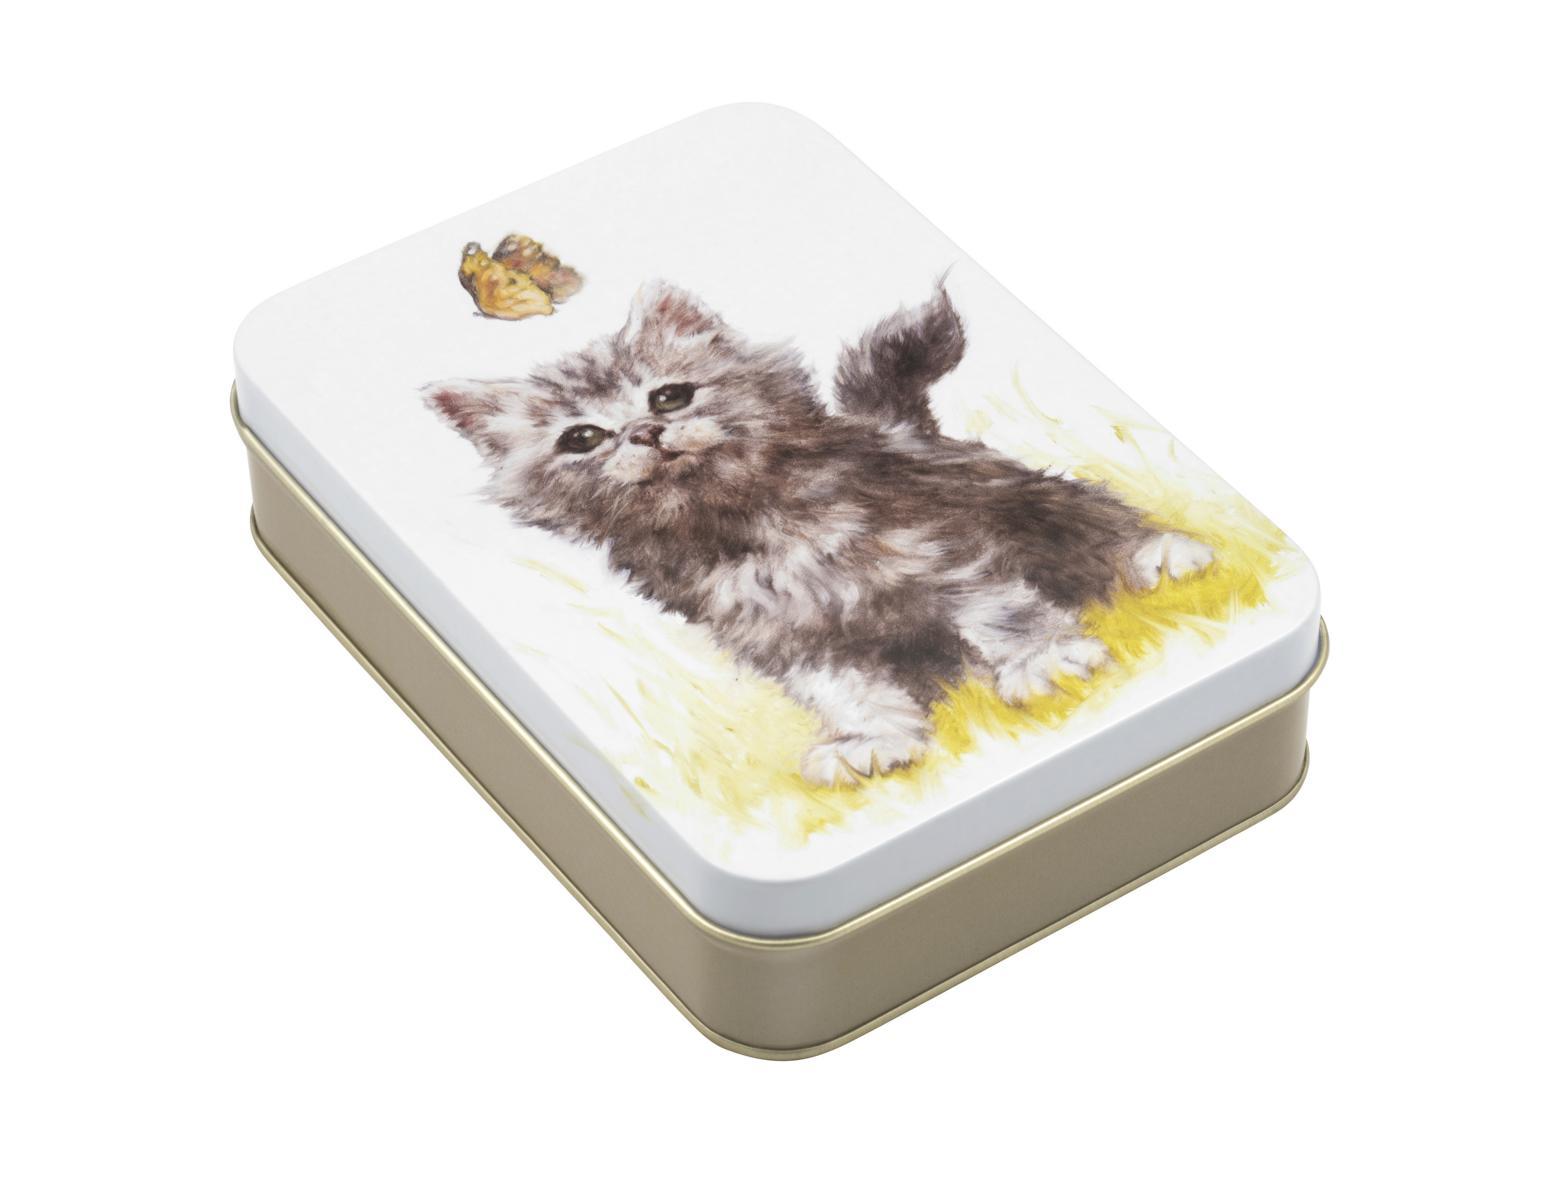 JO STOCKDALE Vorratsdose Motiv Katze 14,5 x 10,5 cm